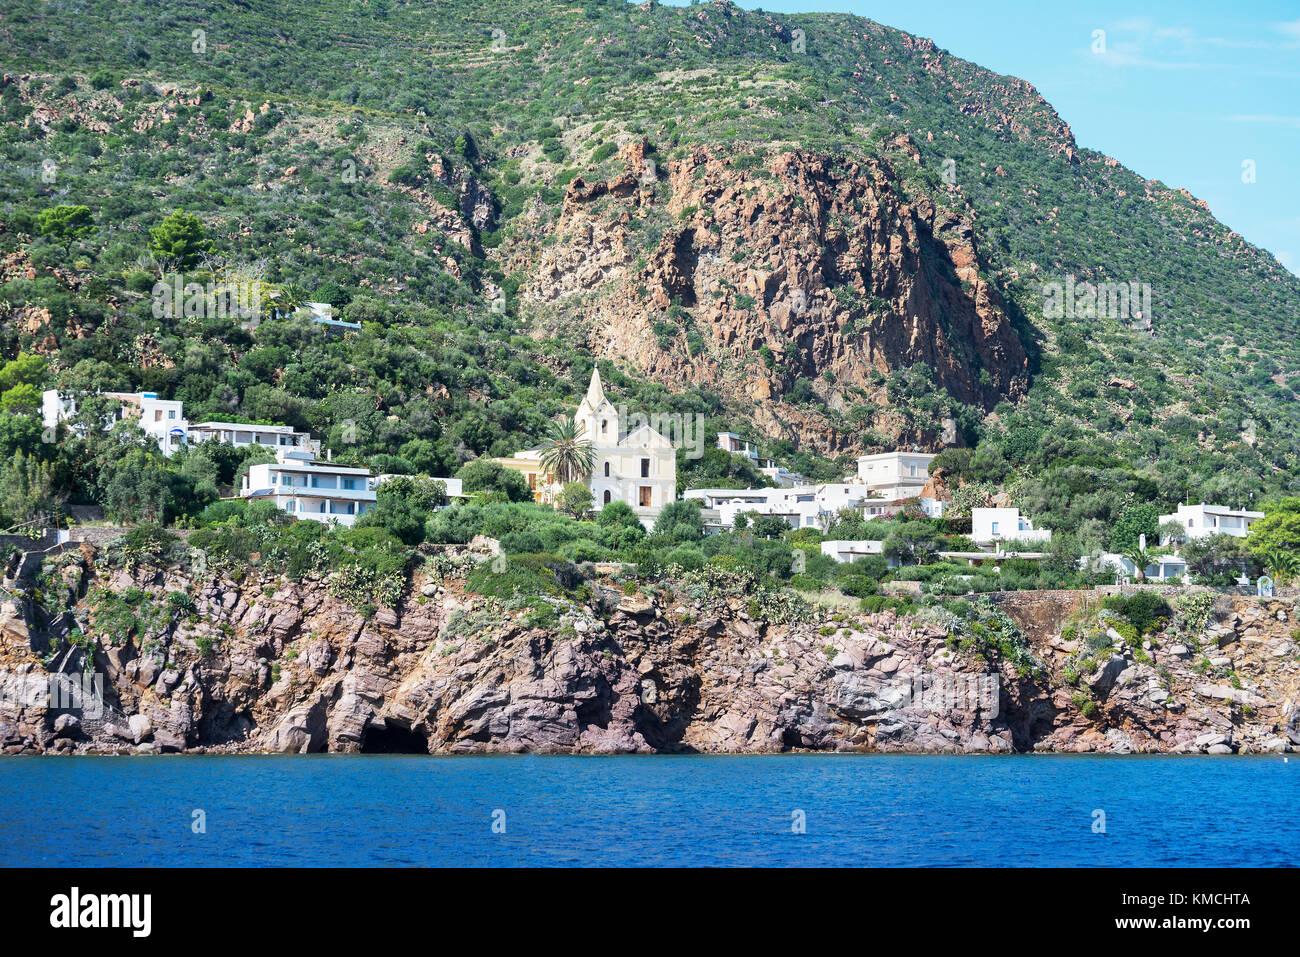 La isla panarea, Panarea, las islas Eolias, en Sicilia, Italia, Europa Foto de stock